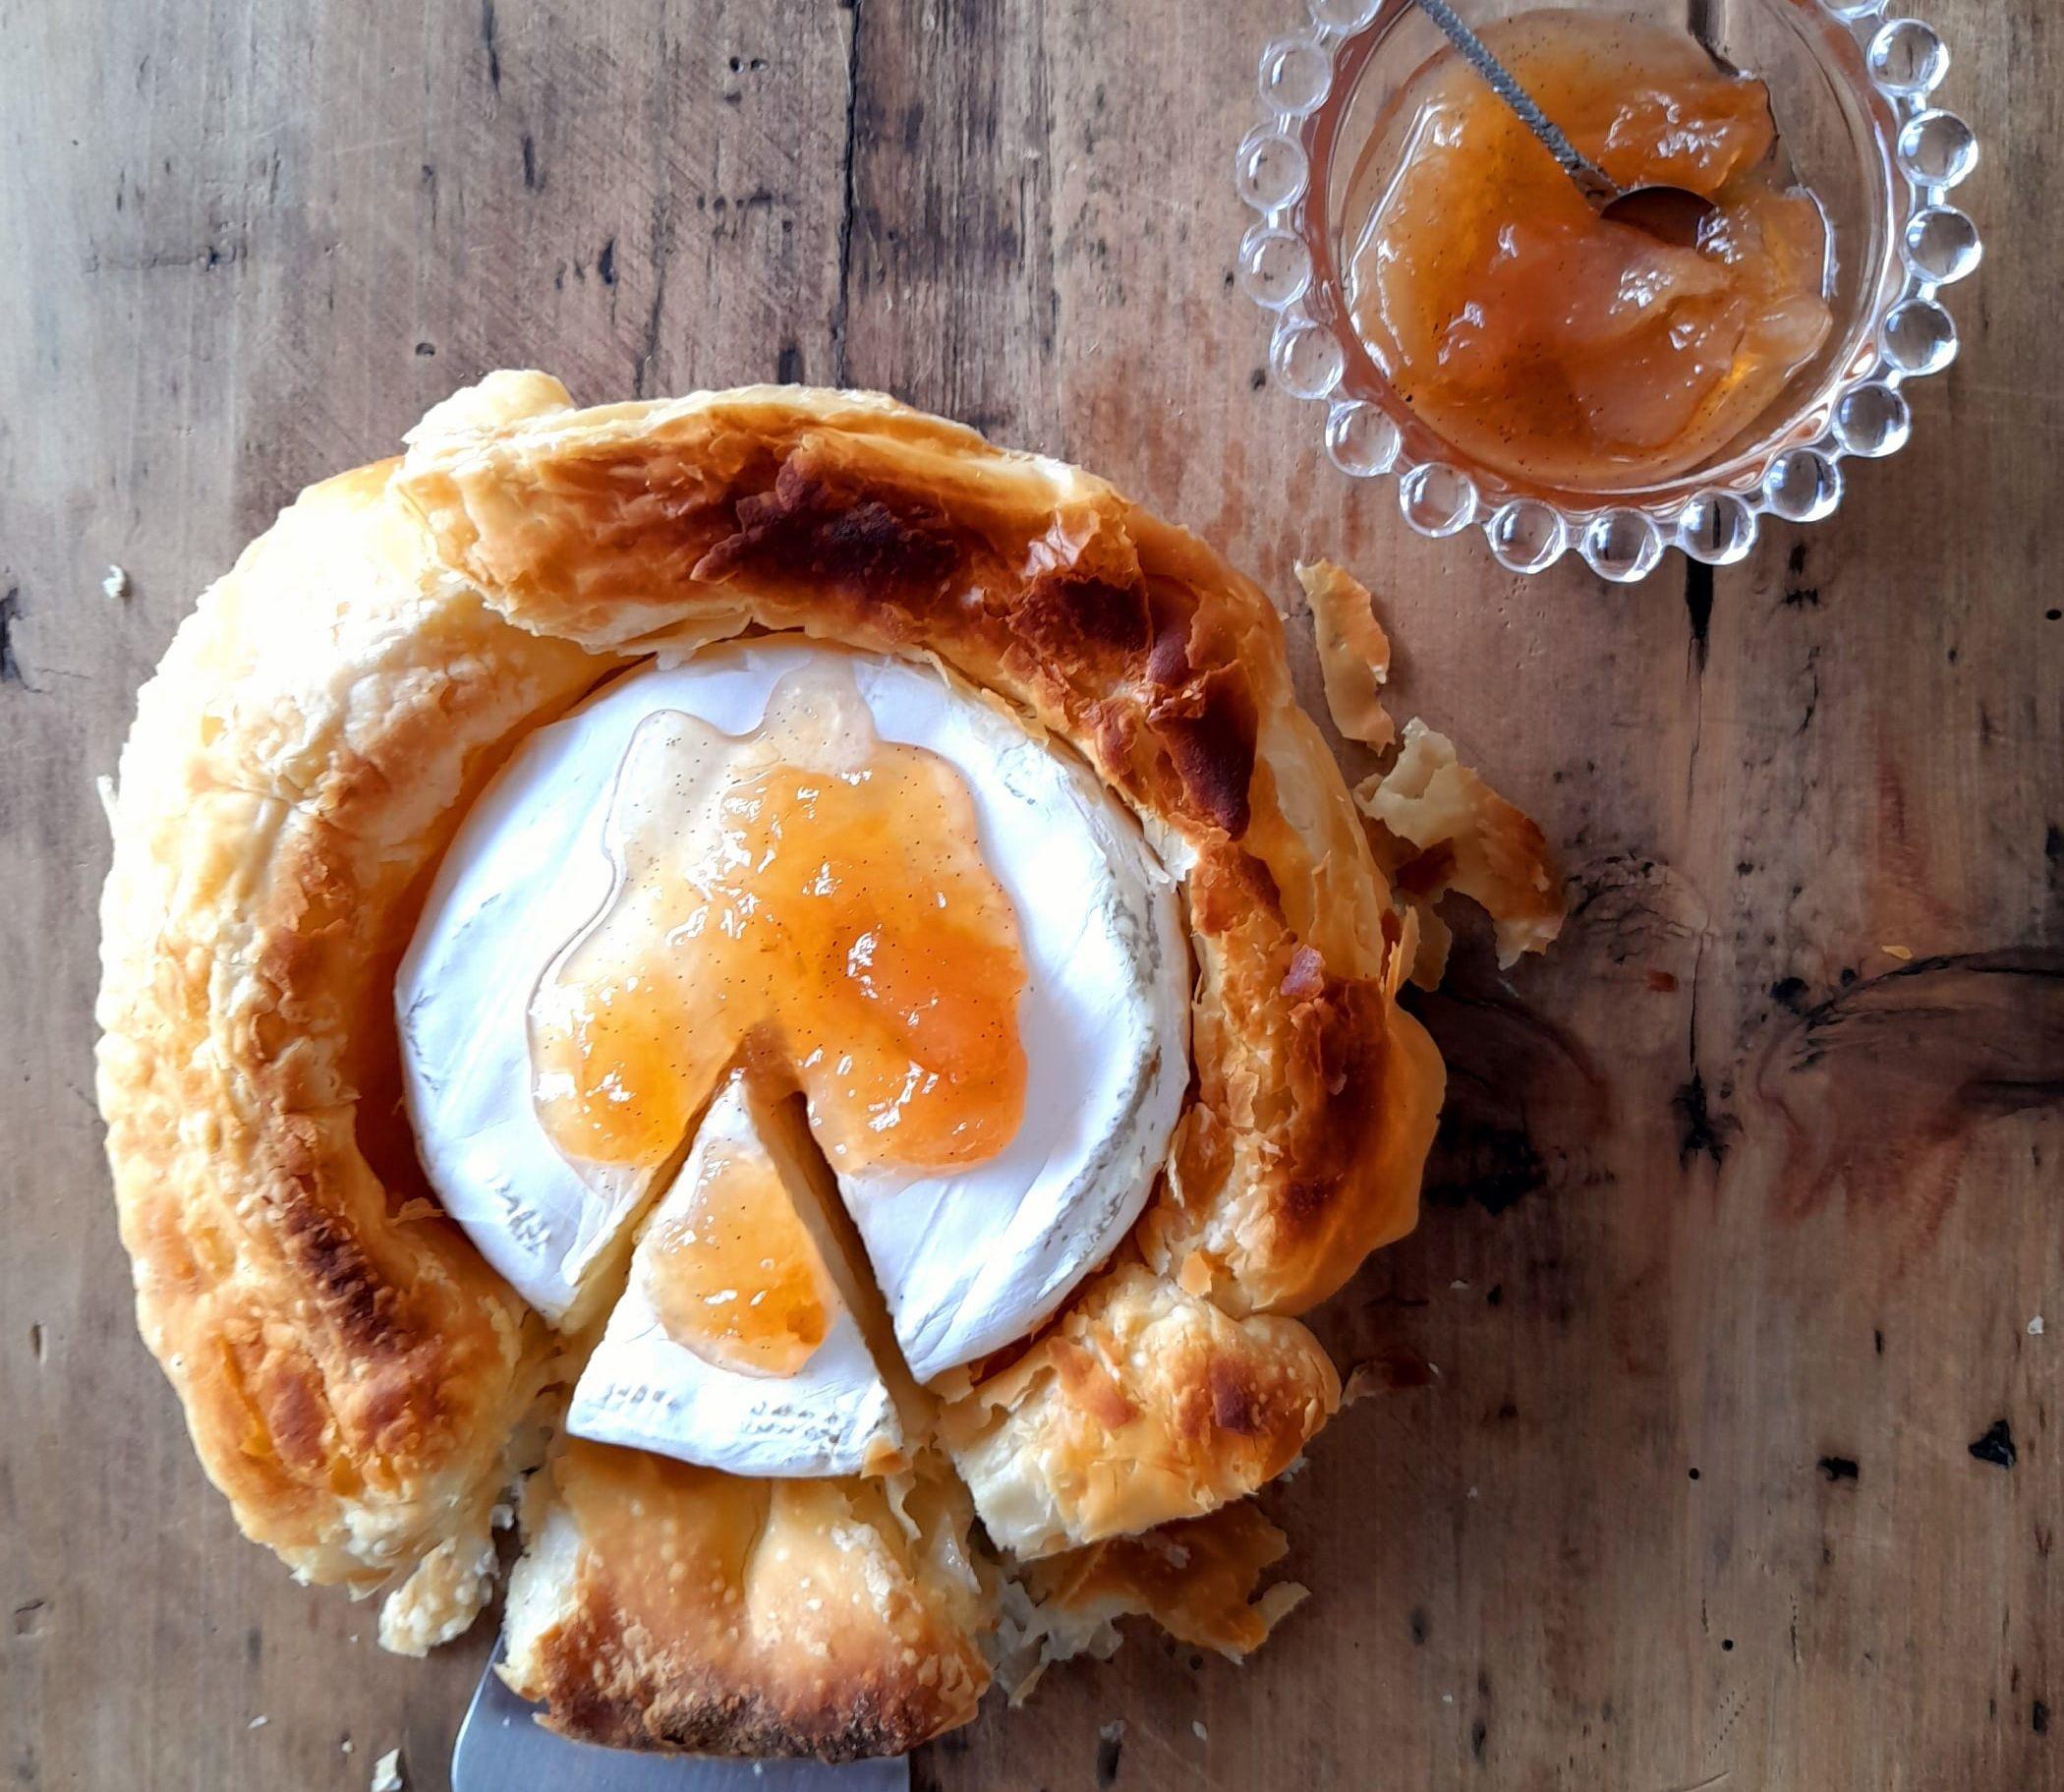 Camembert folhado com geleia de pera e baunilha Bourbon, do Empório Rosmarino.